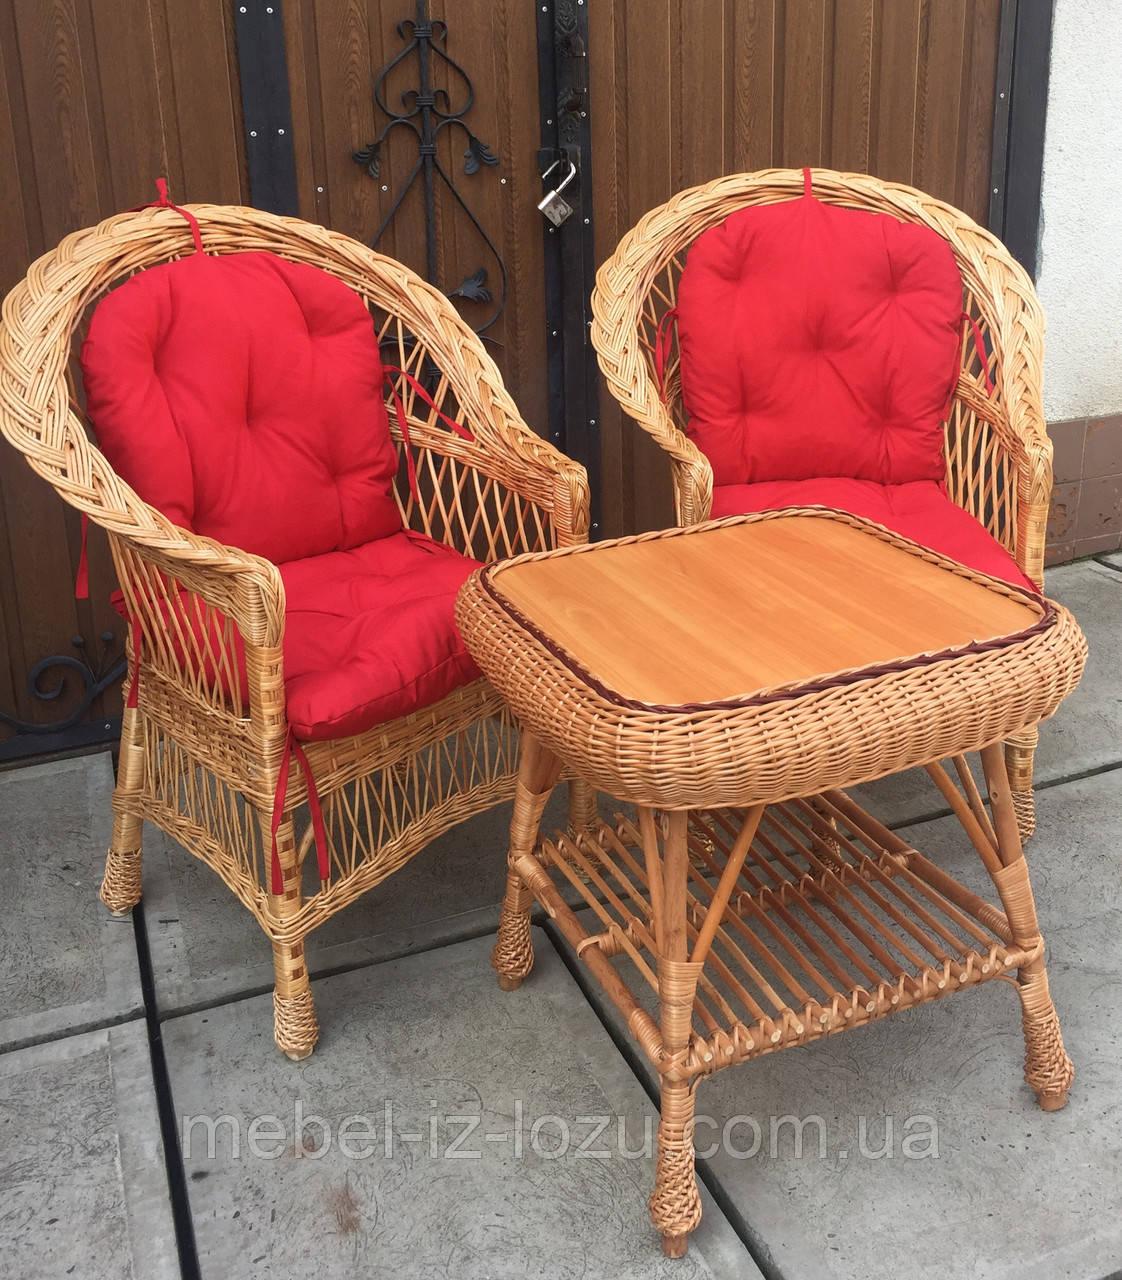 """2 крісла """"Звичайні"""" з мякушками №11 і квадратний столик """"Гриб з плитою"""""""